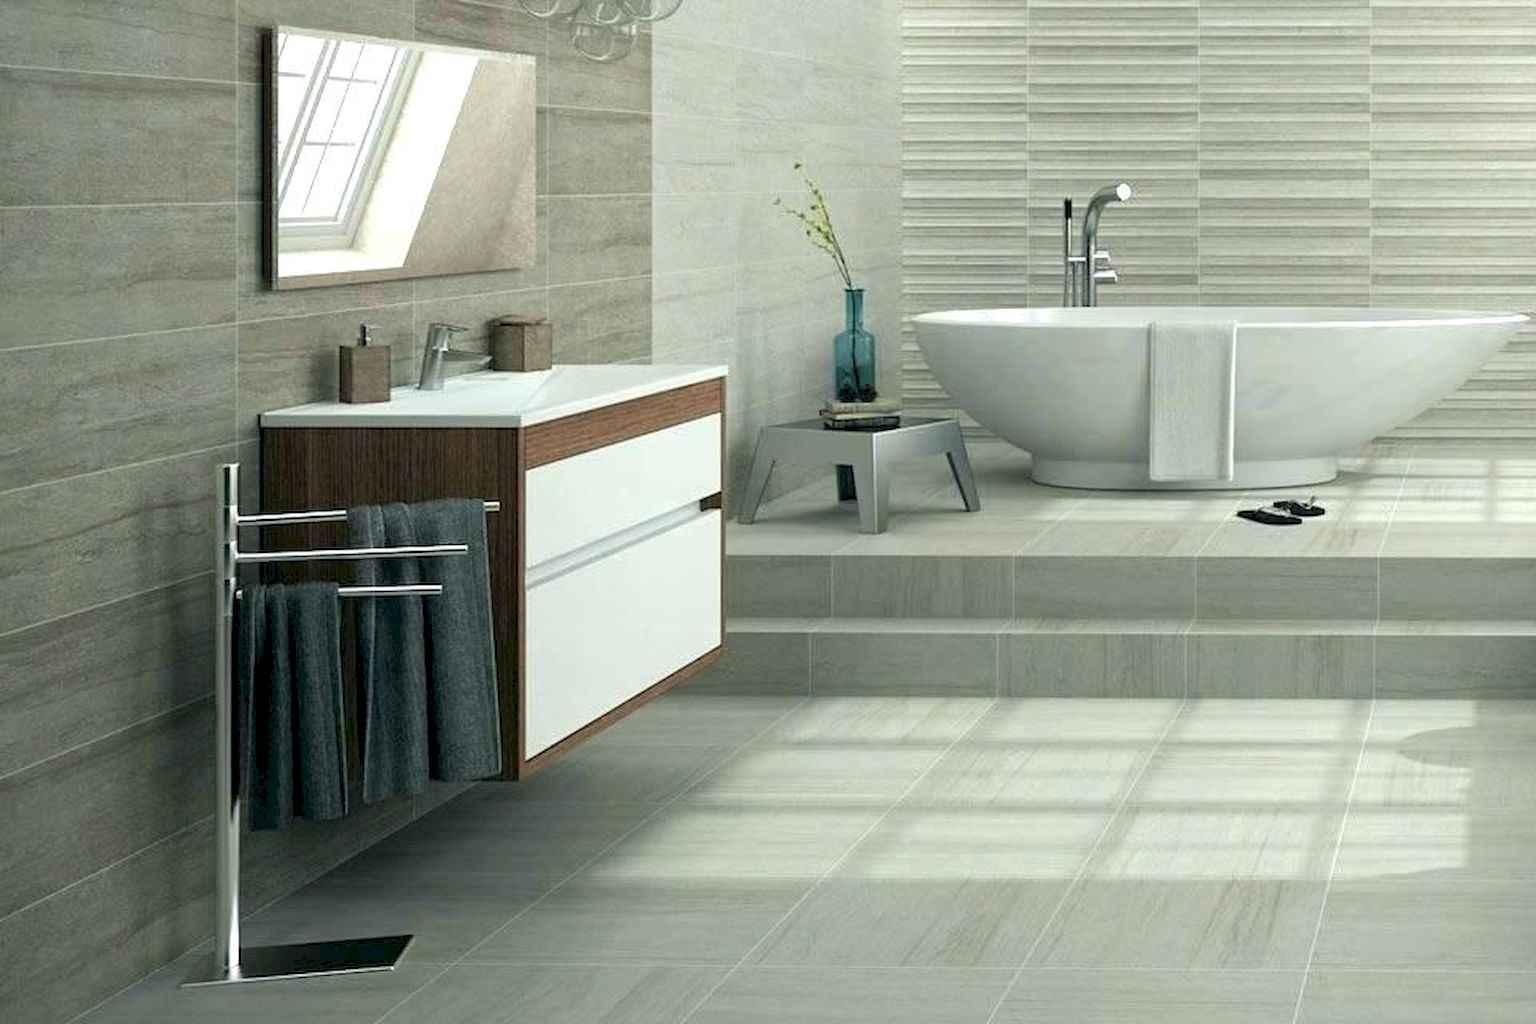 59 Awesome Farmhouse Bathroom Tile Floor Decor Ideas